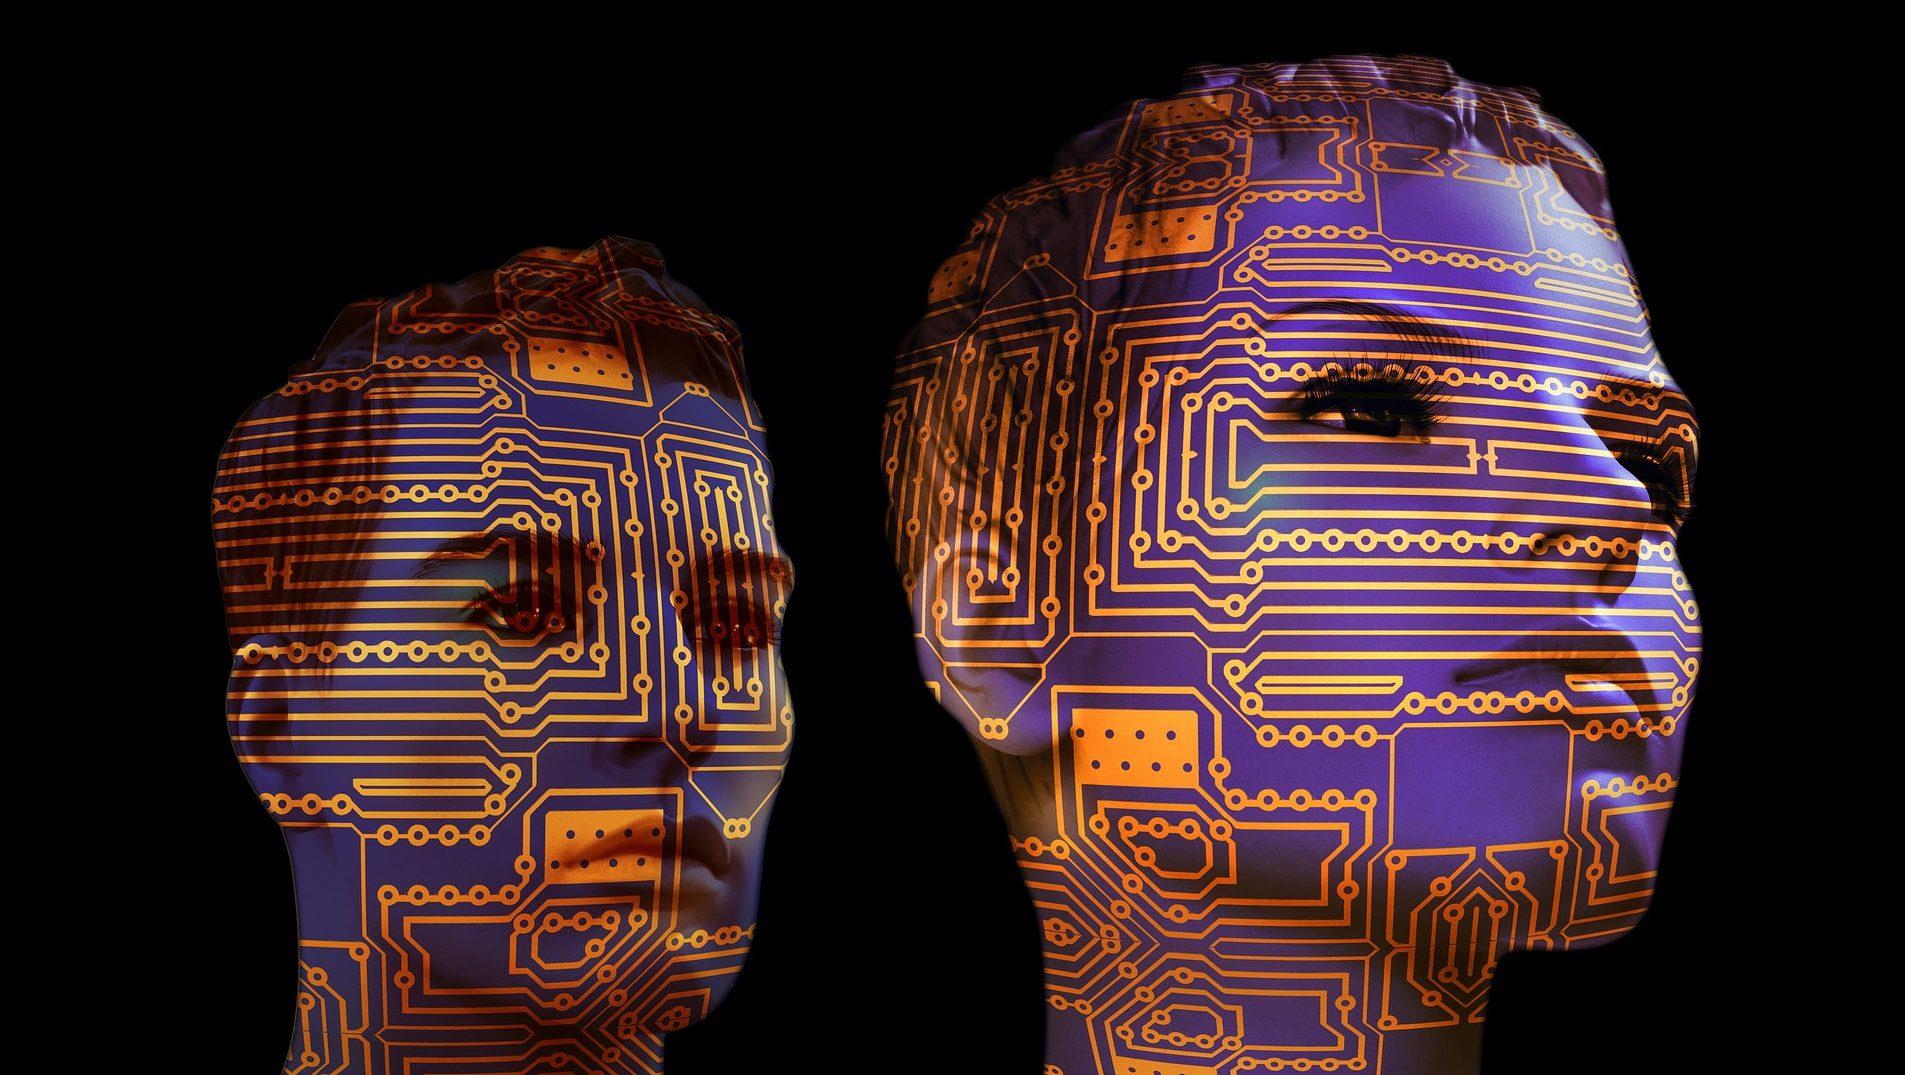 Artificial Intelligence: Das Wachstumsfeld für Startups